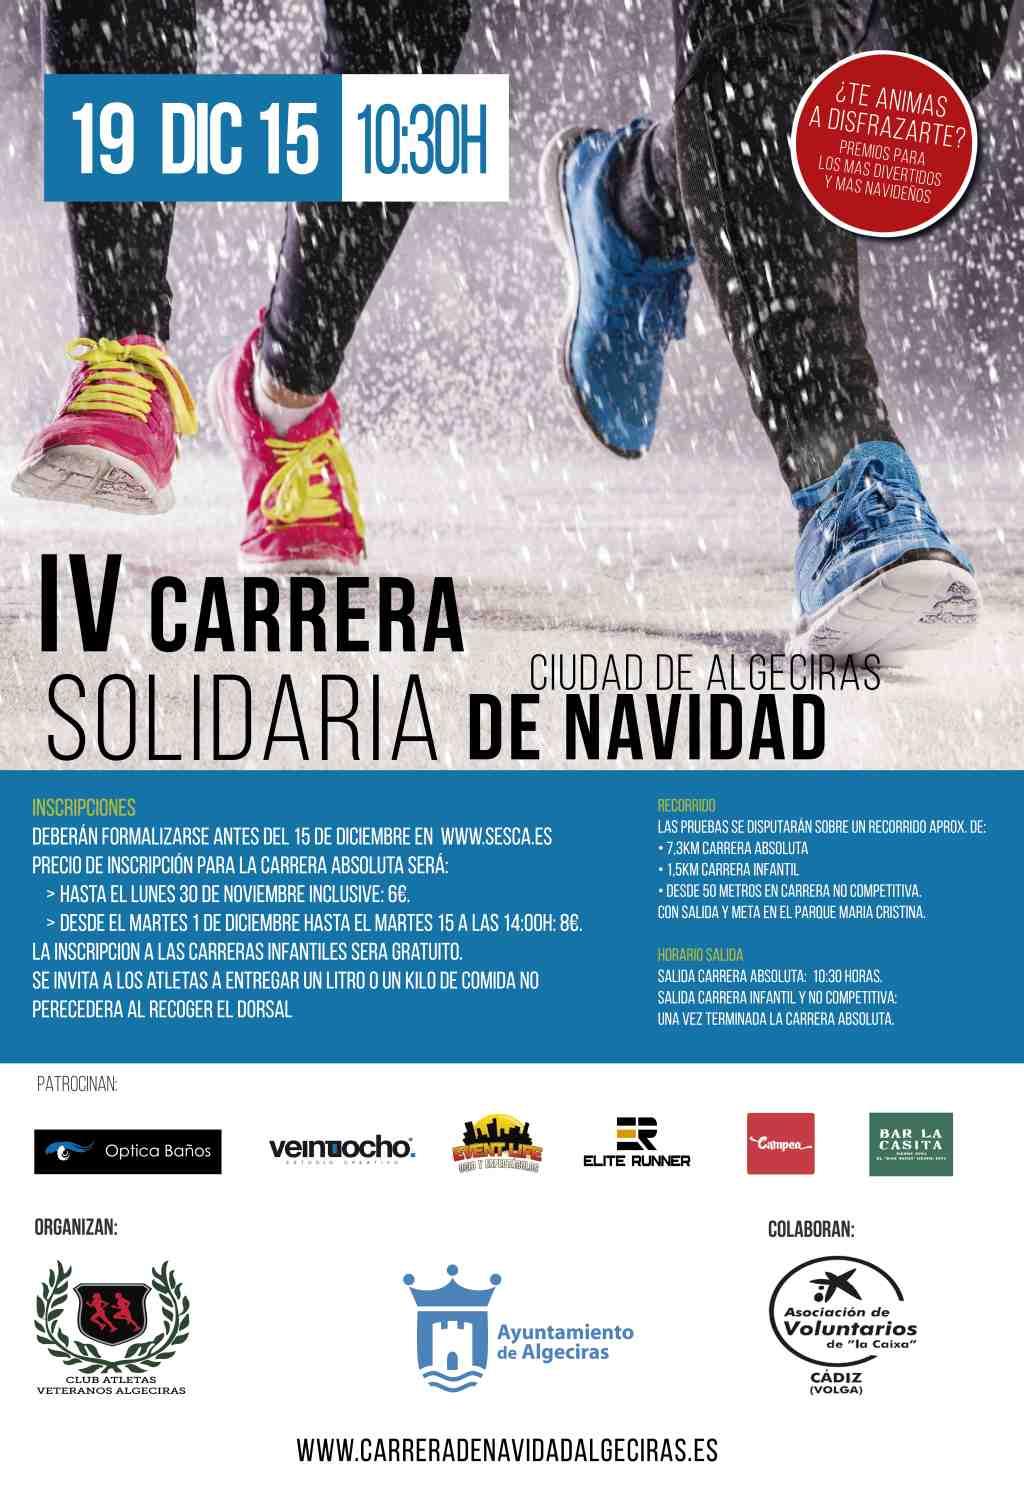 Carrera IV Carrera Solidaria Navidad de Algeciras